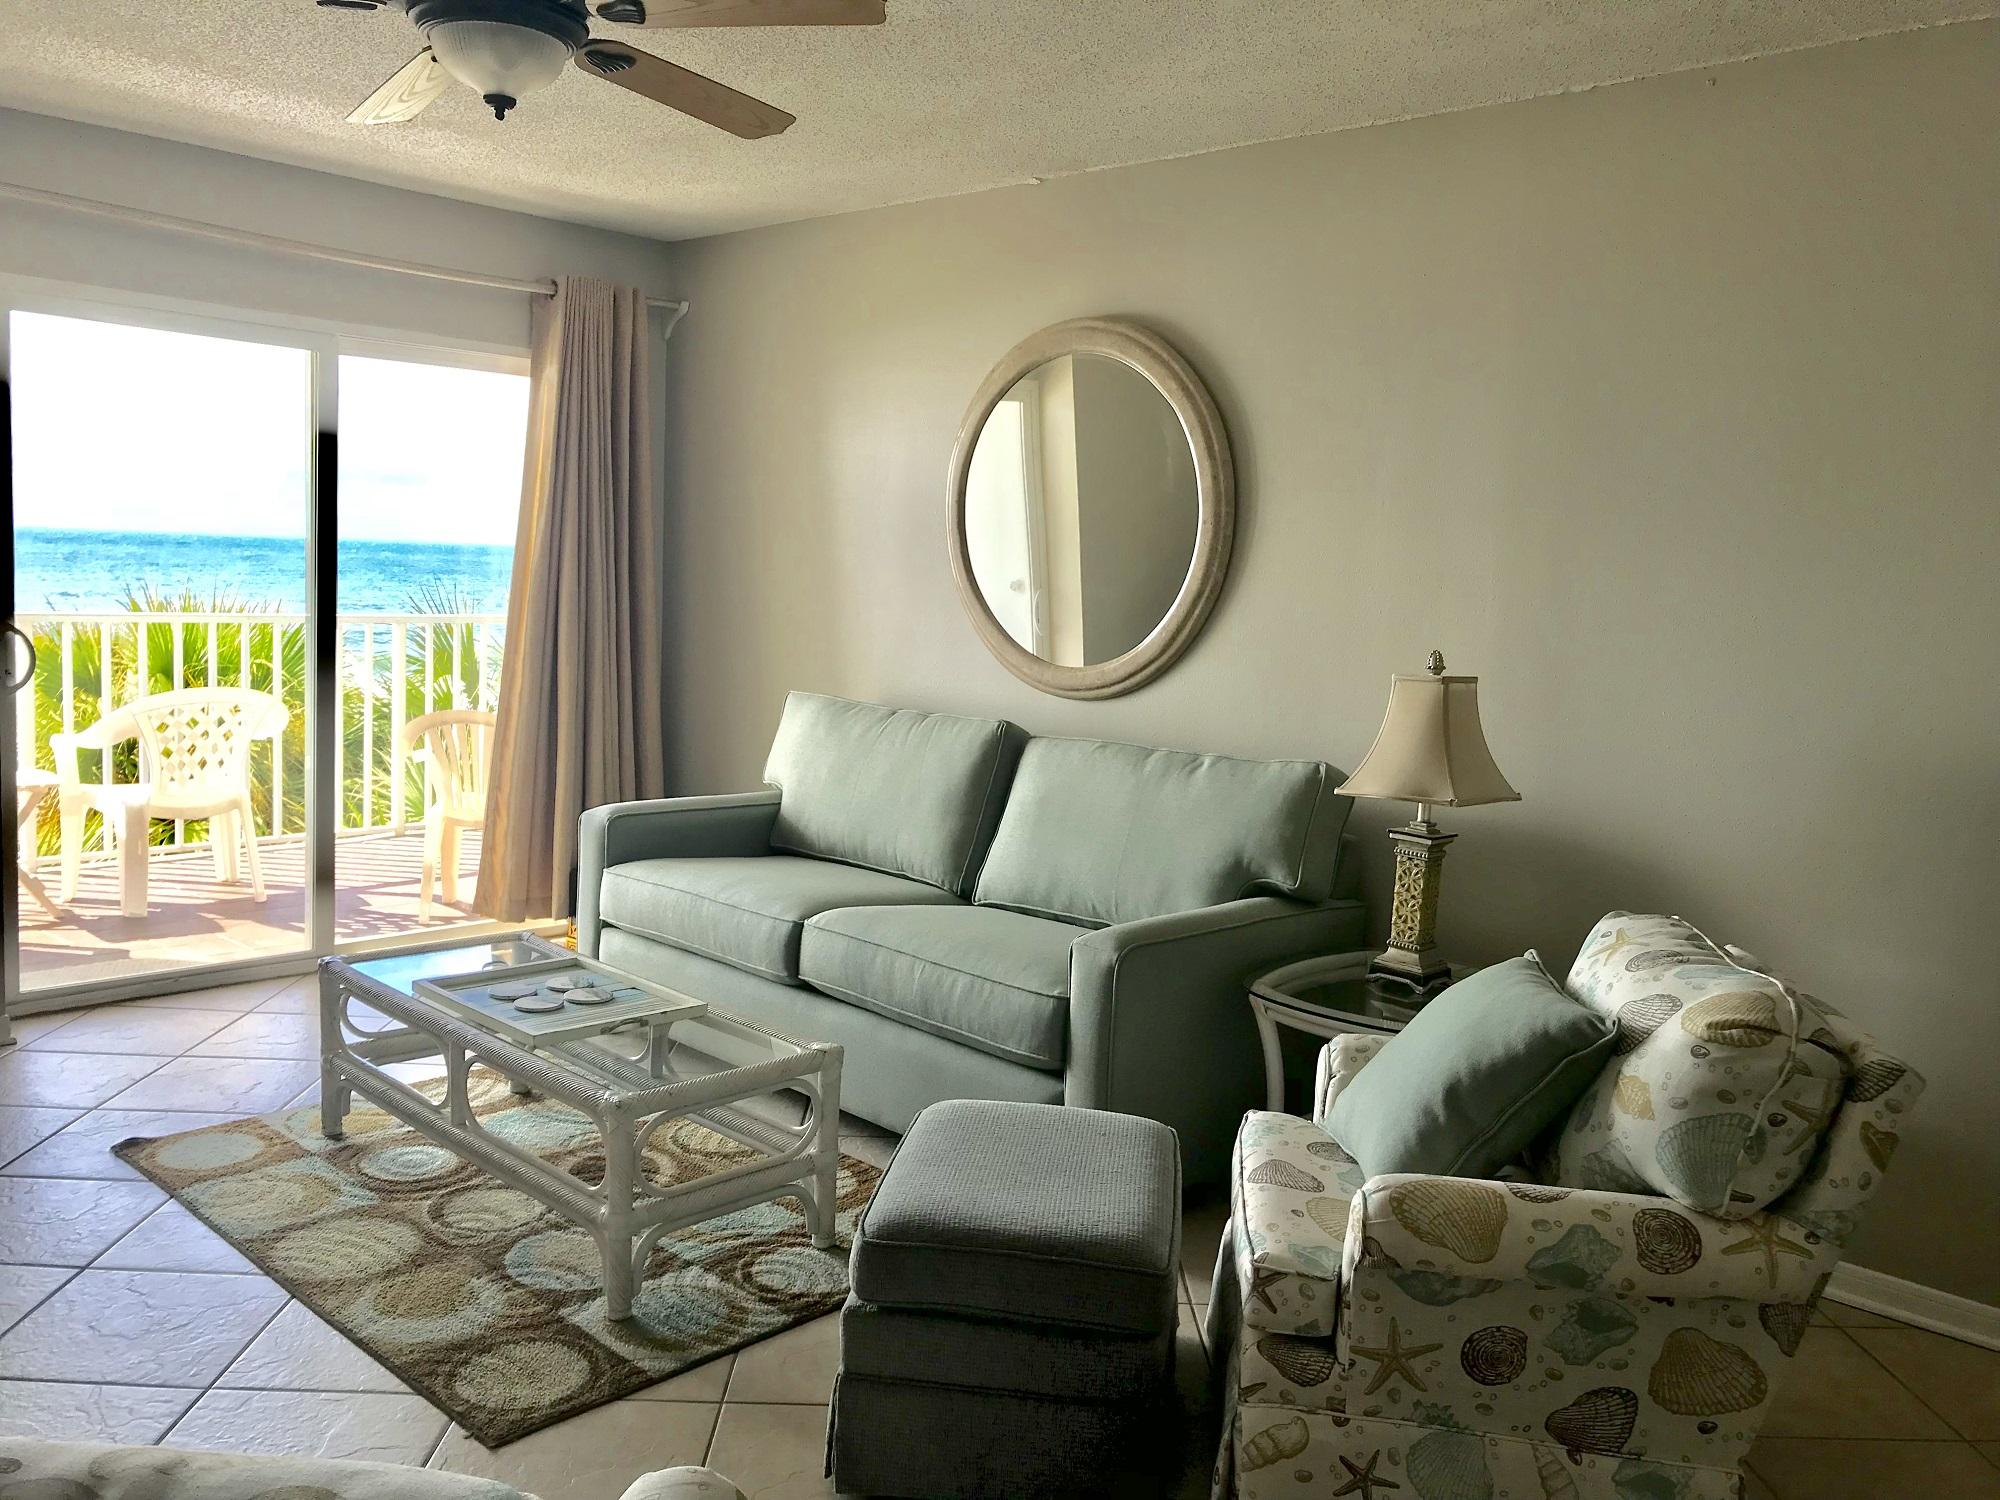 Ocean House 2302 Condo rental in Ocean House - Gulf Shores in Gulf Shores Alabama - #2